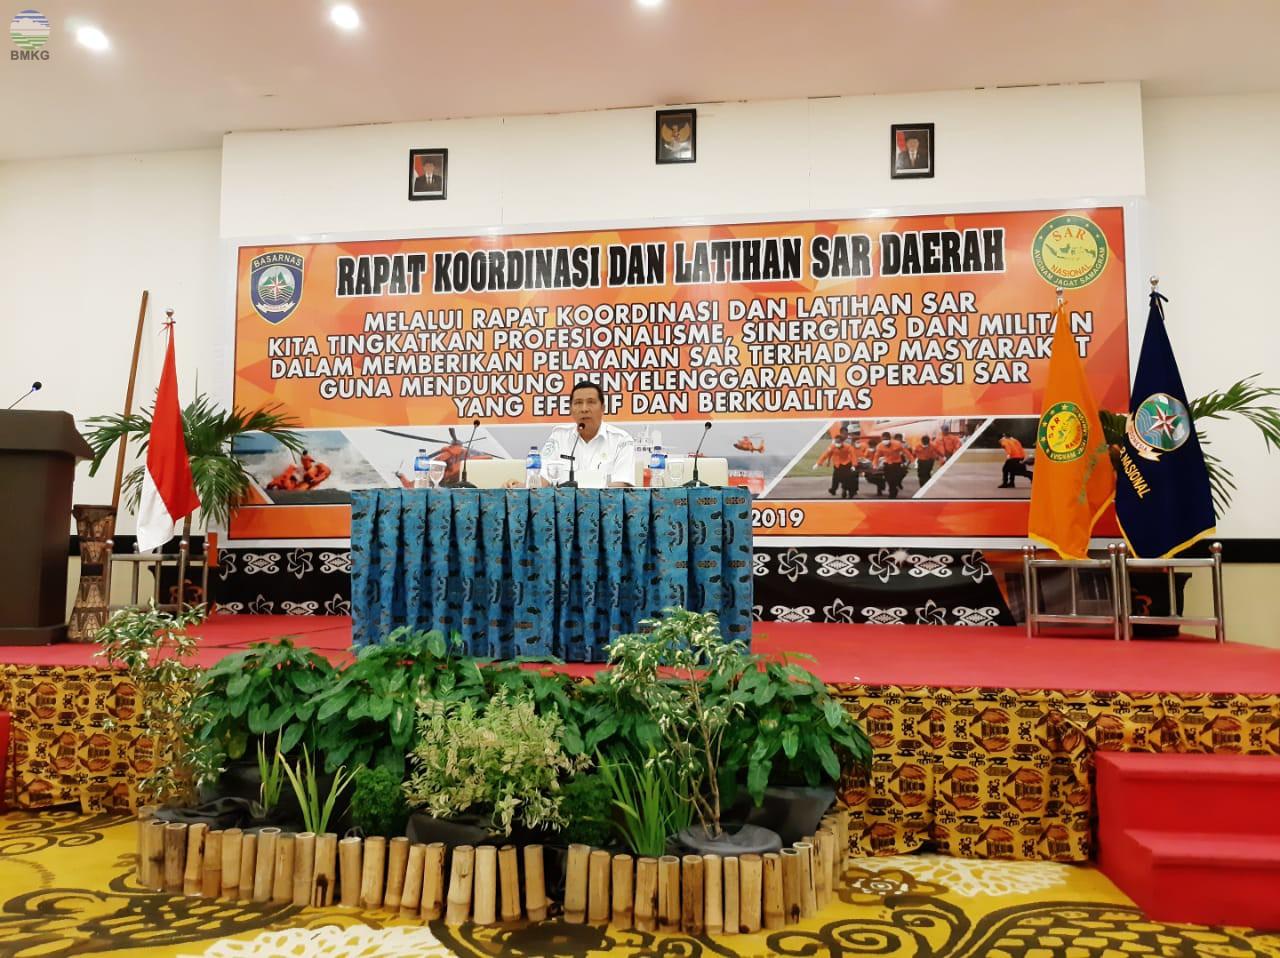 Rapat Koordinasi dan Latihan SAR Daerah